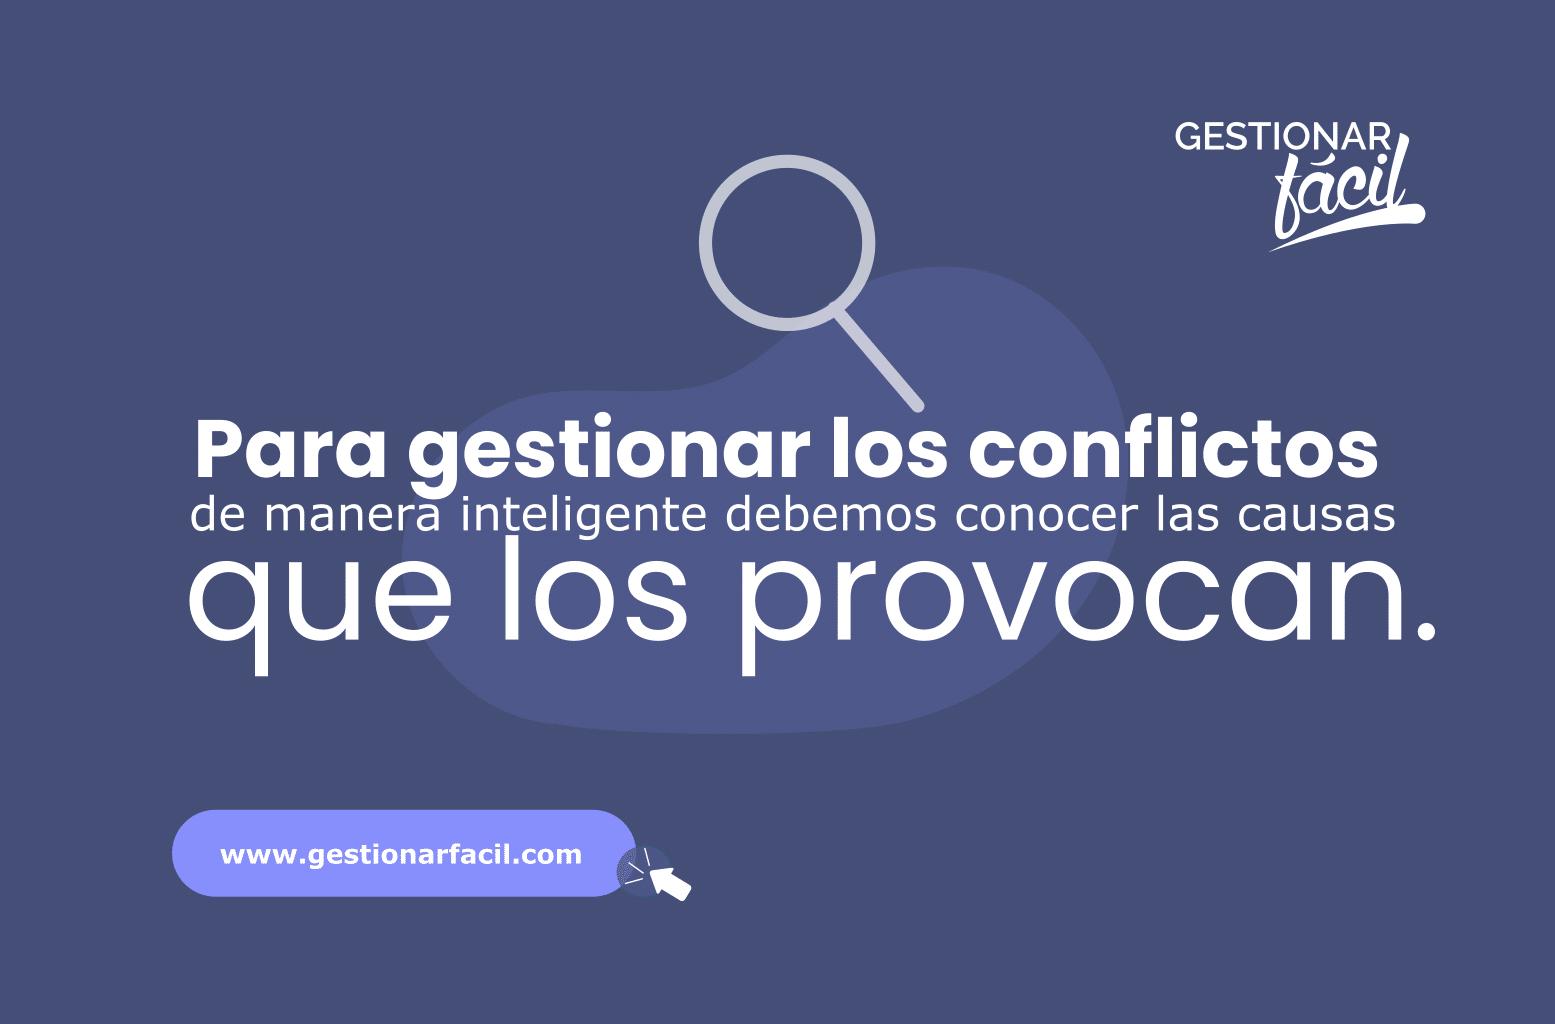 Para gestionar los conflictos de manera inteligente, debemos conocer las causas que los provocan.